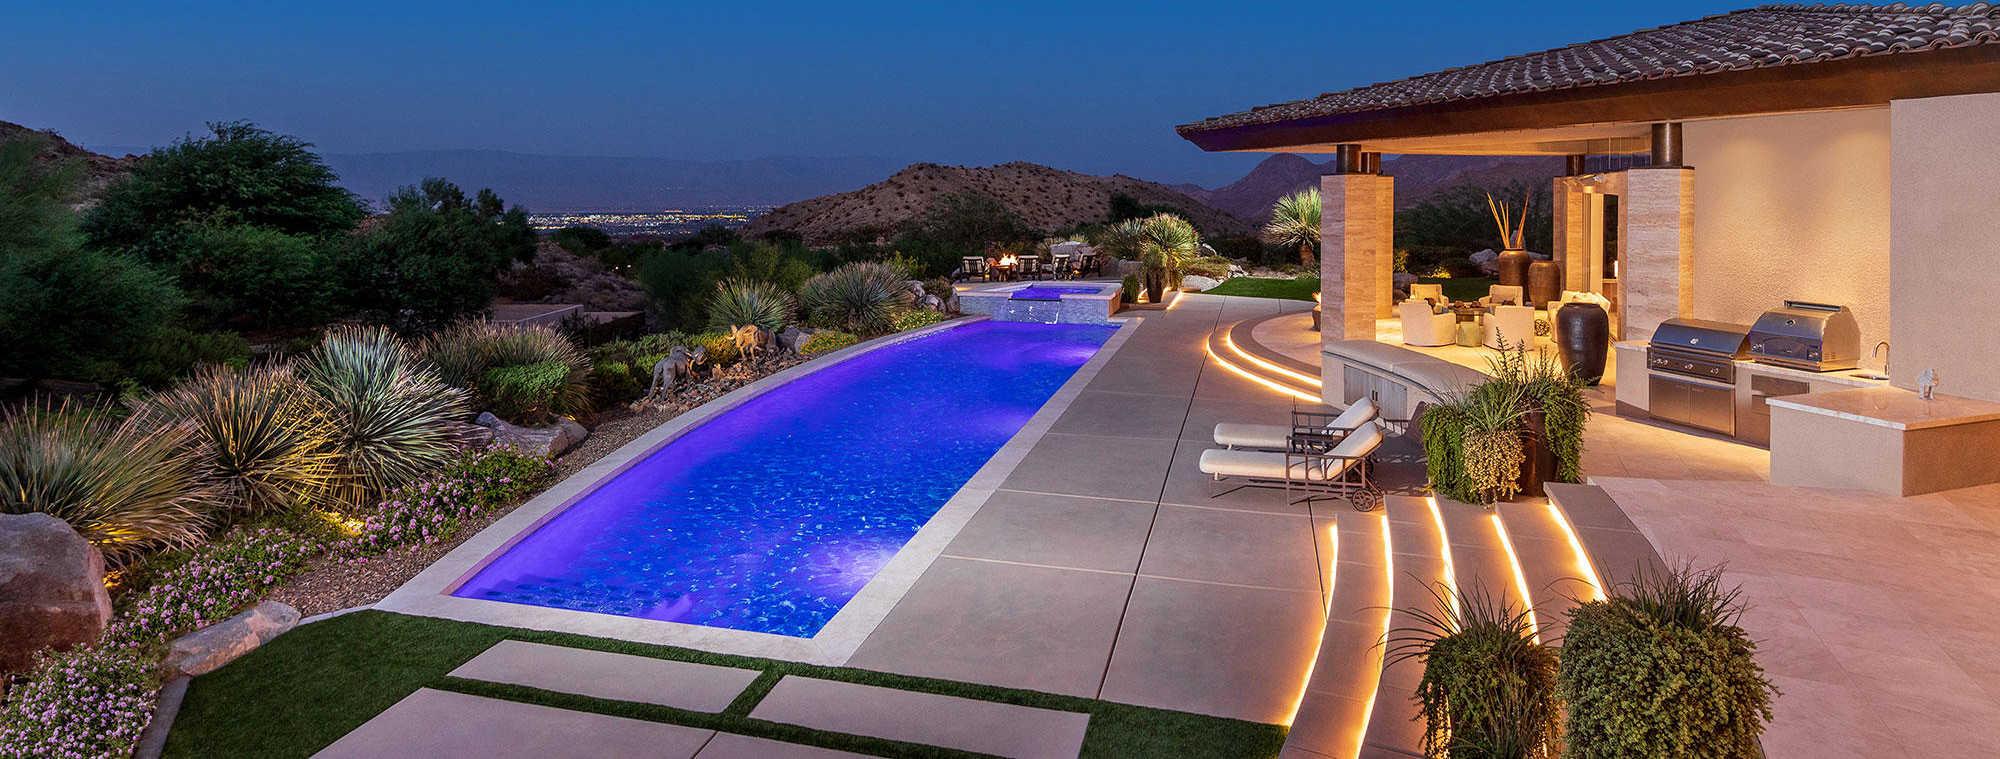 $7,250,000 - 4Br/5Ba -  for Sale in Bighorn Golf Club, Palm Desert